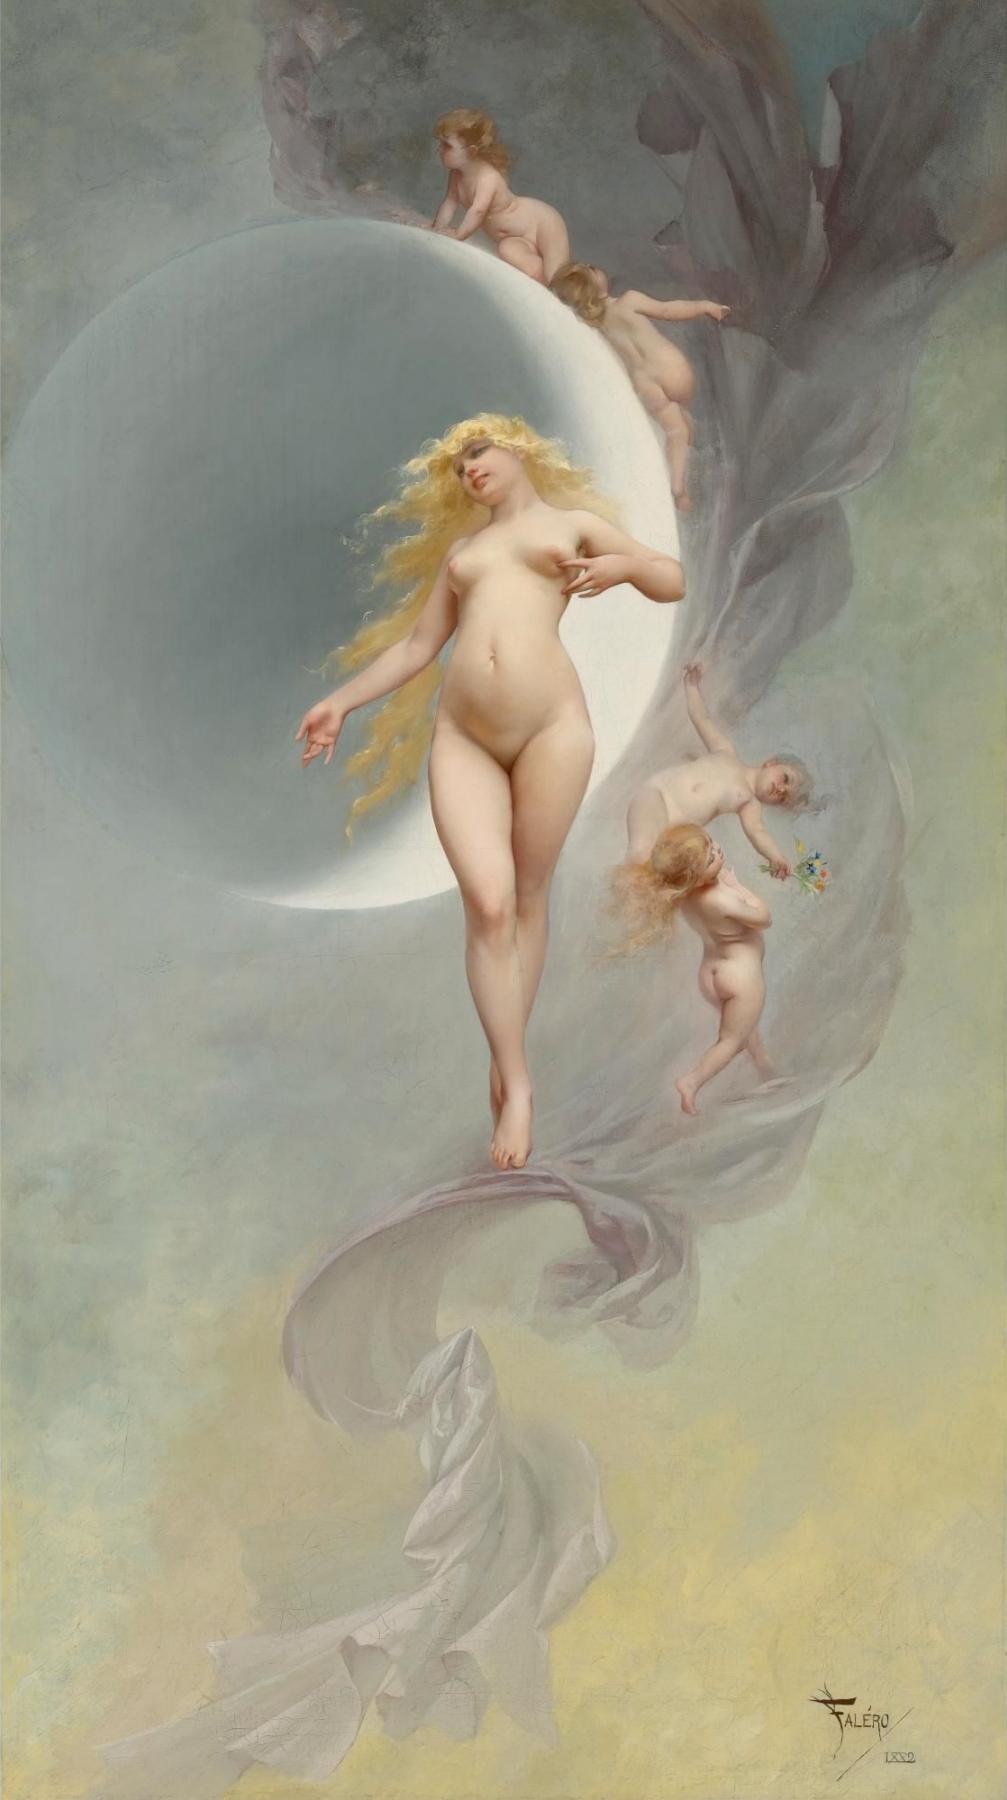 Luis Ricardo Phalero. The Planet Venus